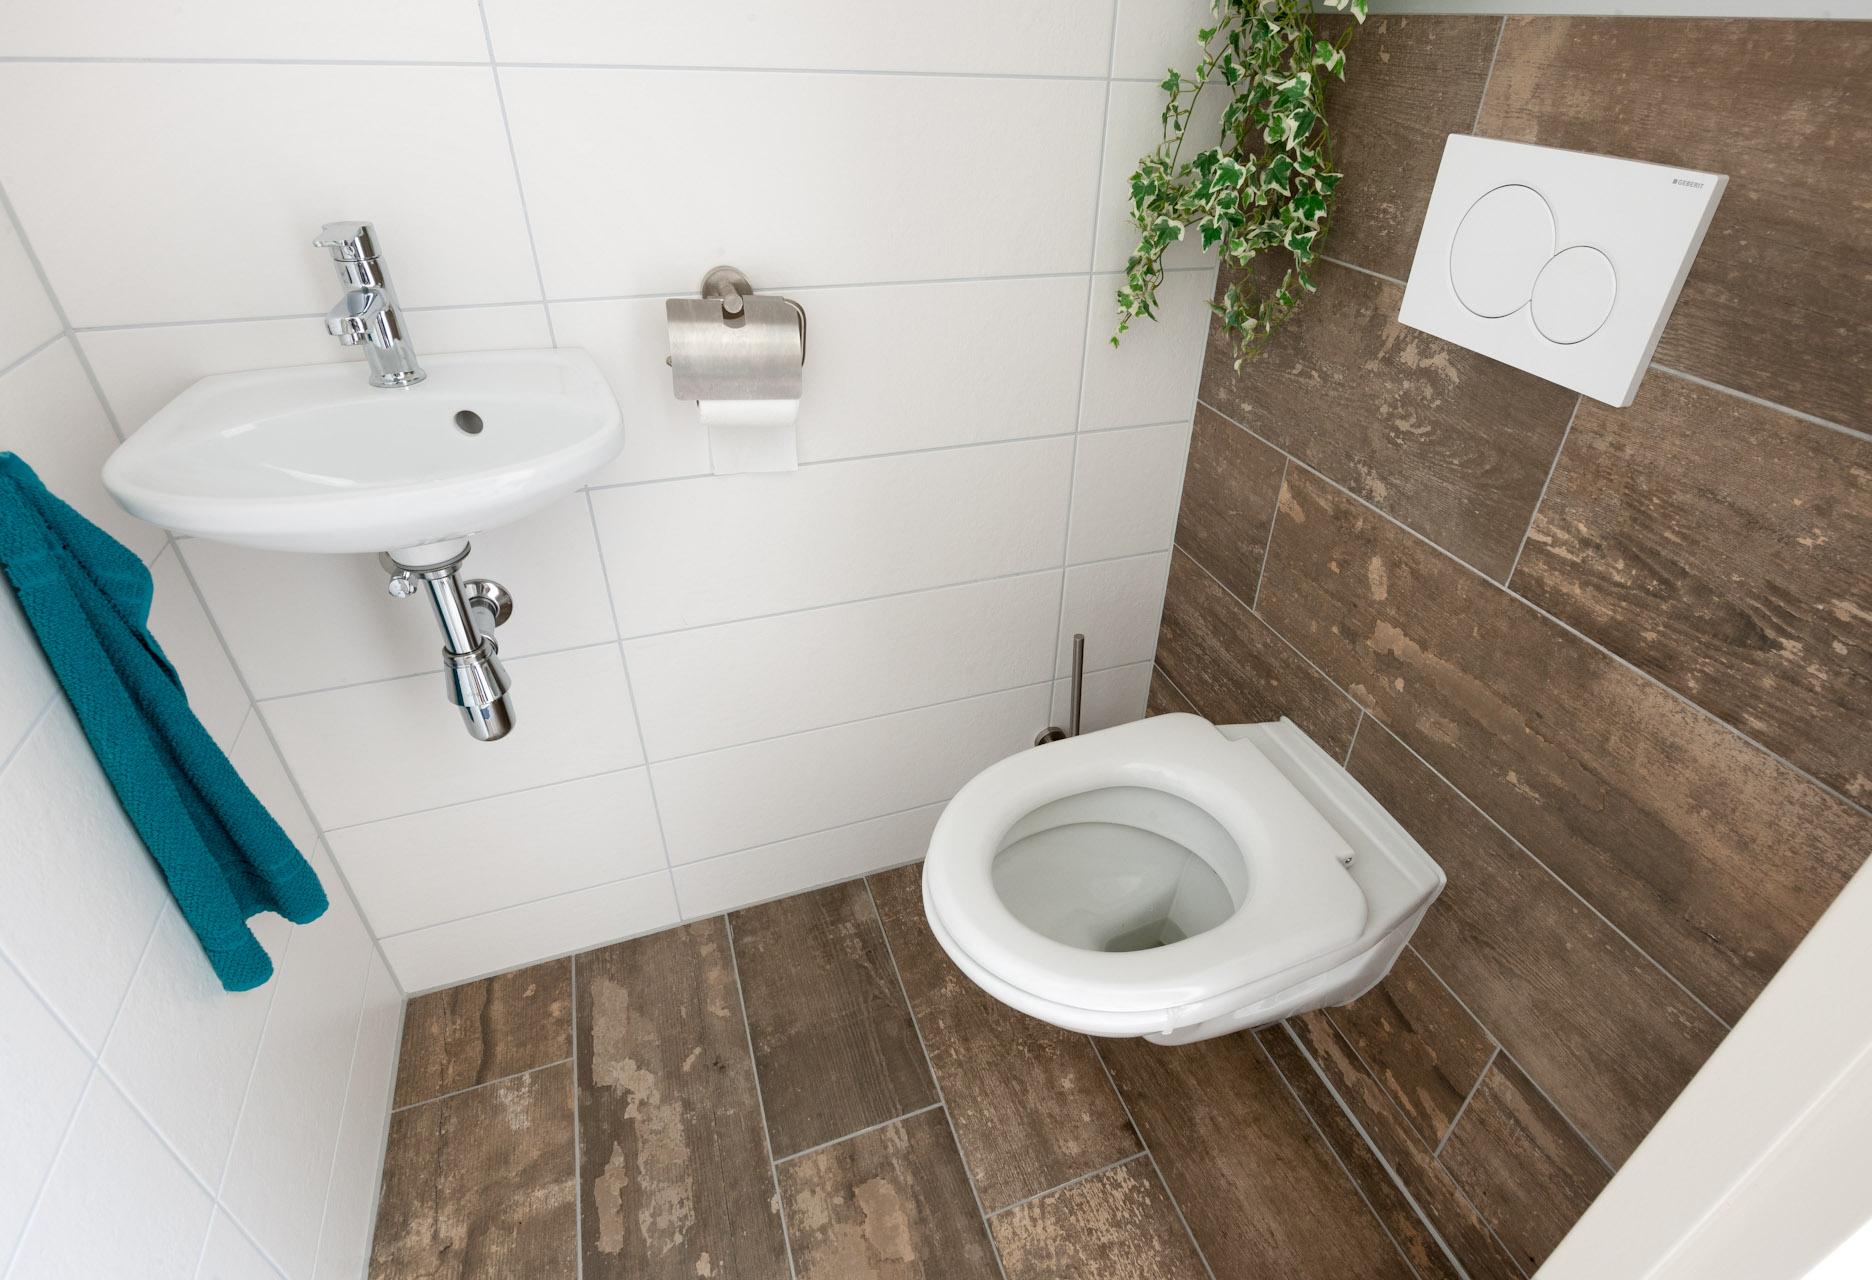 Toilet decoratie ideeen originele wc decoratie mooie